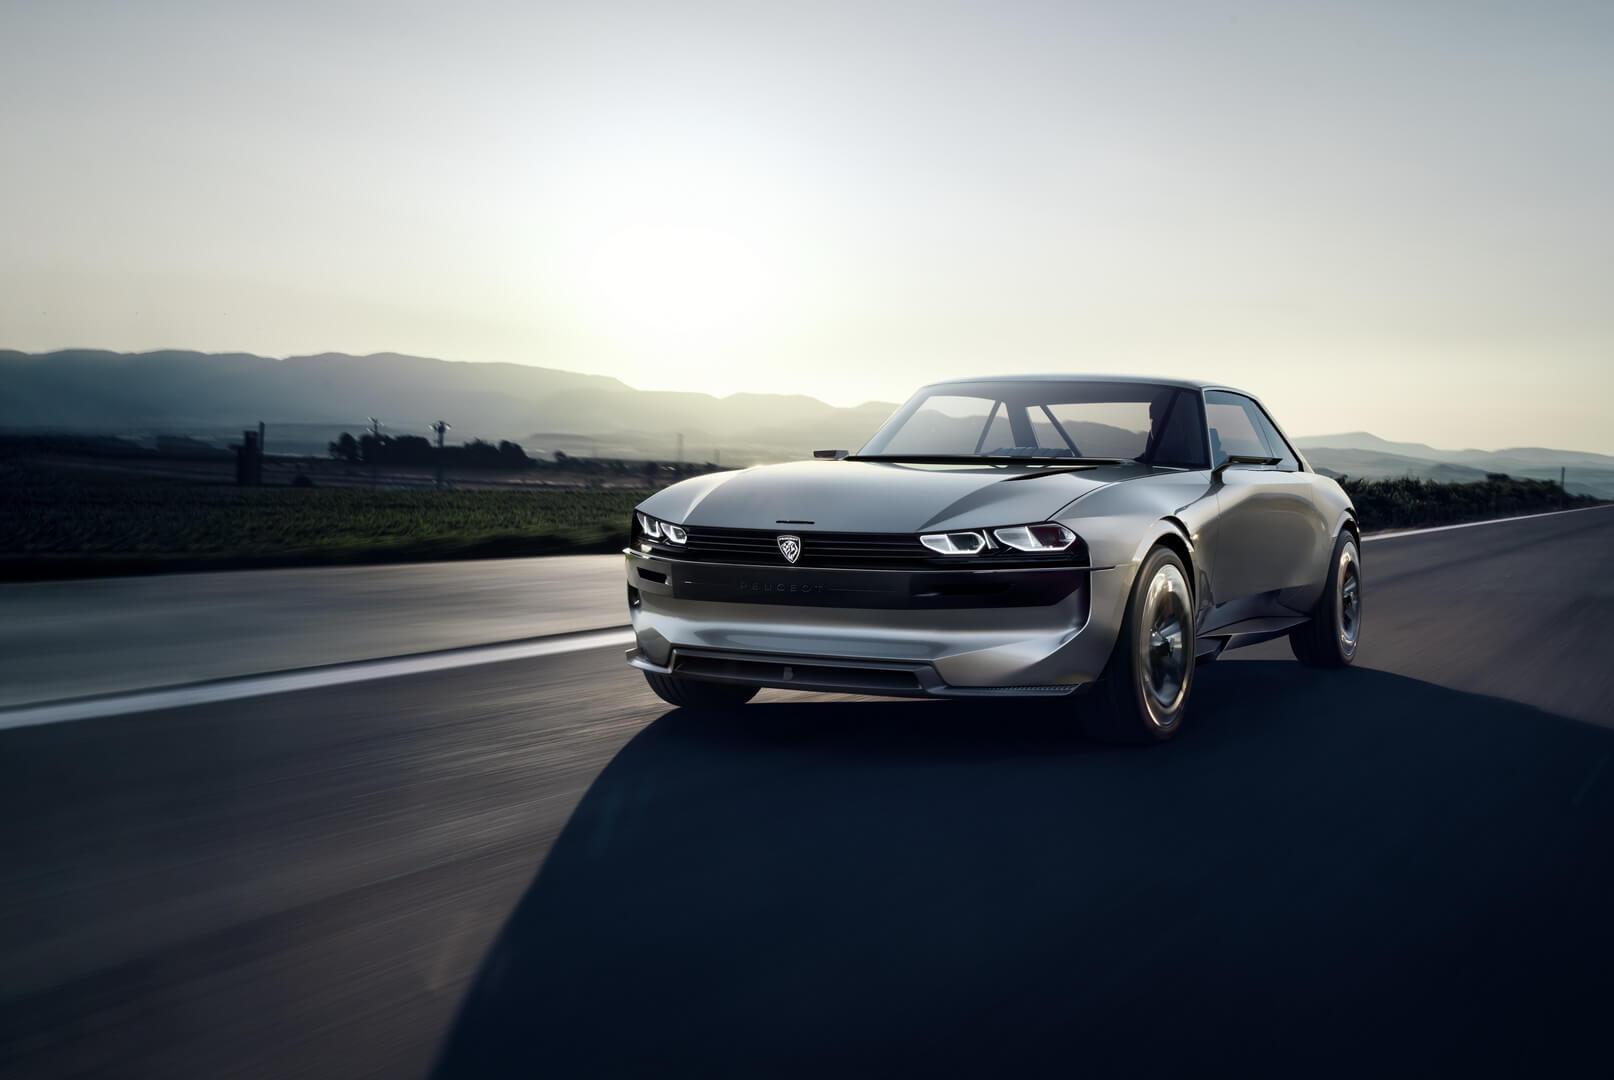 Электрический концепт-кар Peugeot e-Legend в ретро стиле